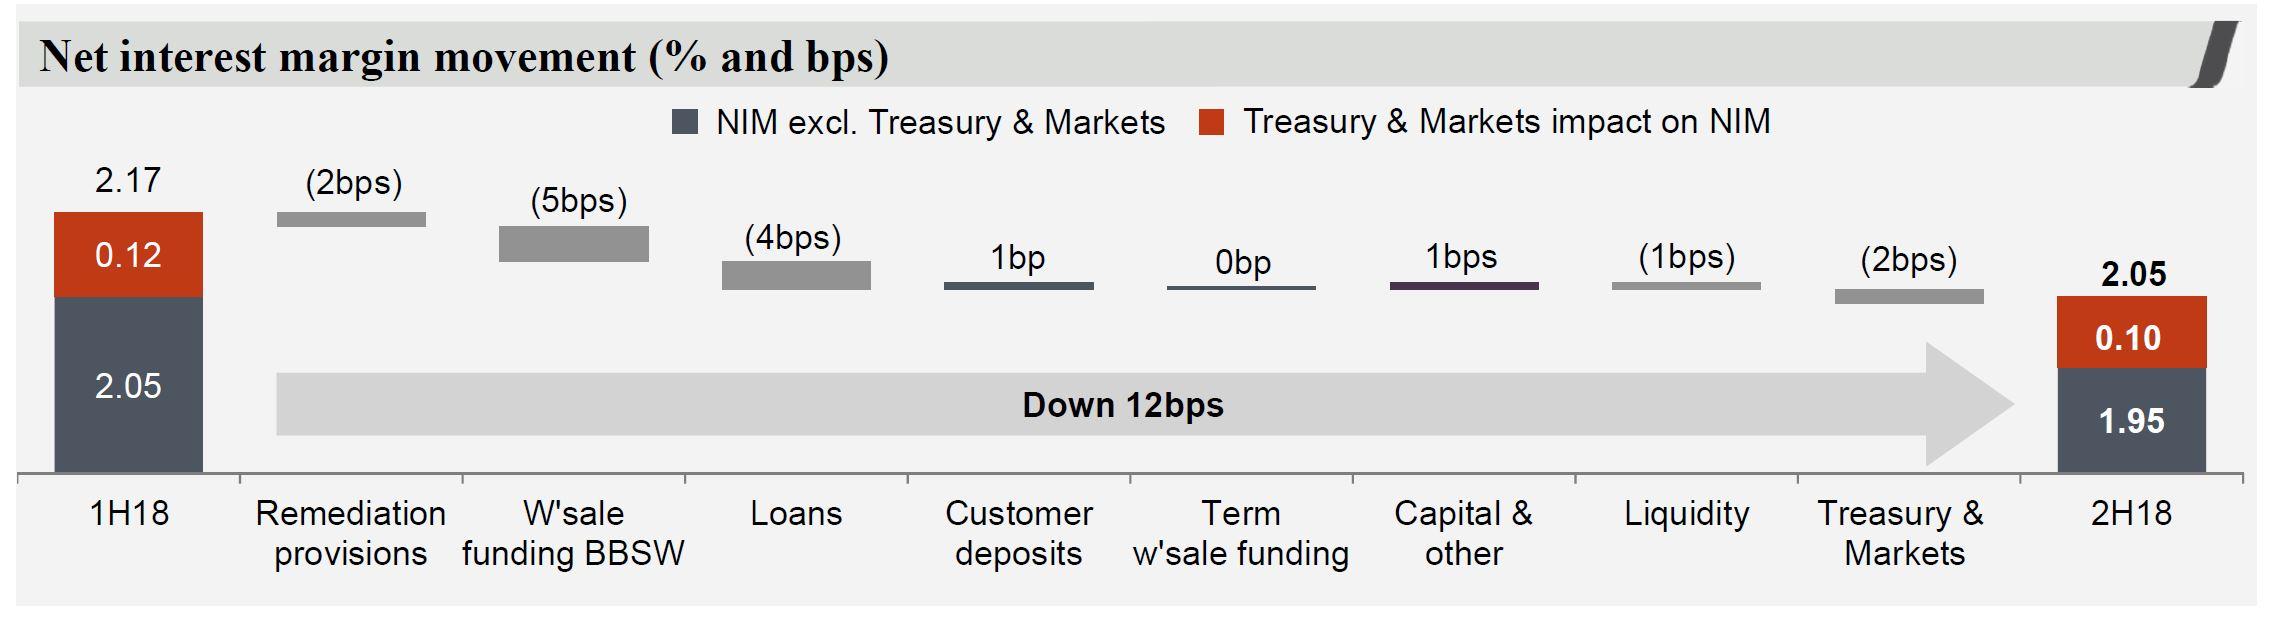 westpac digital finance analytics dfa blog